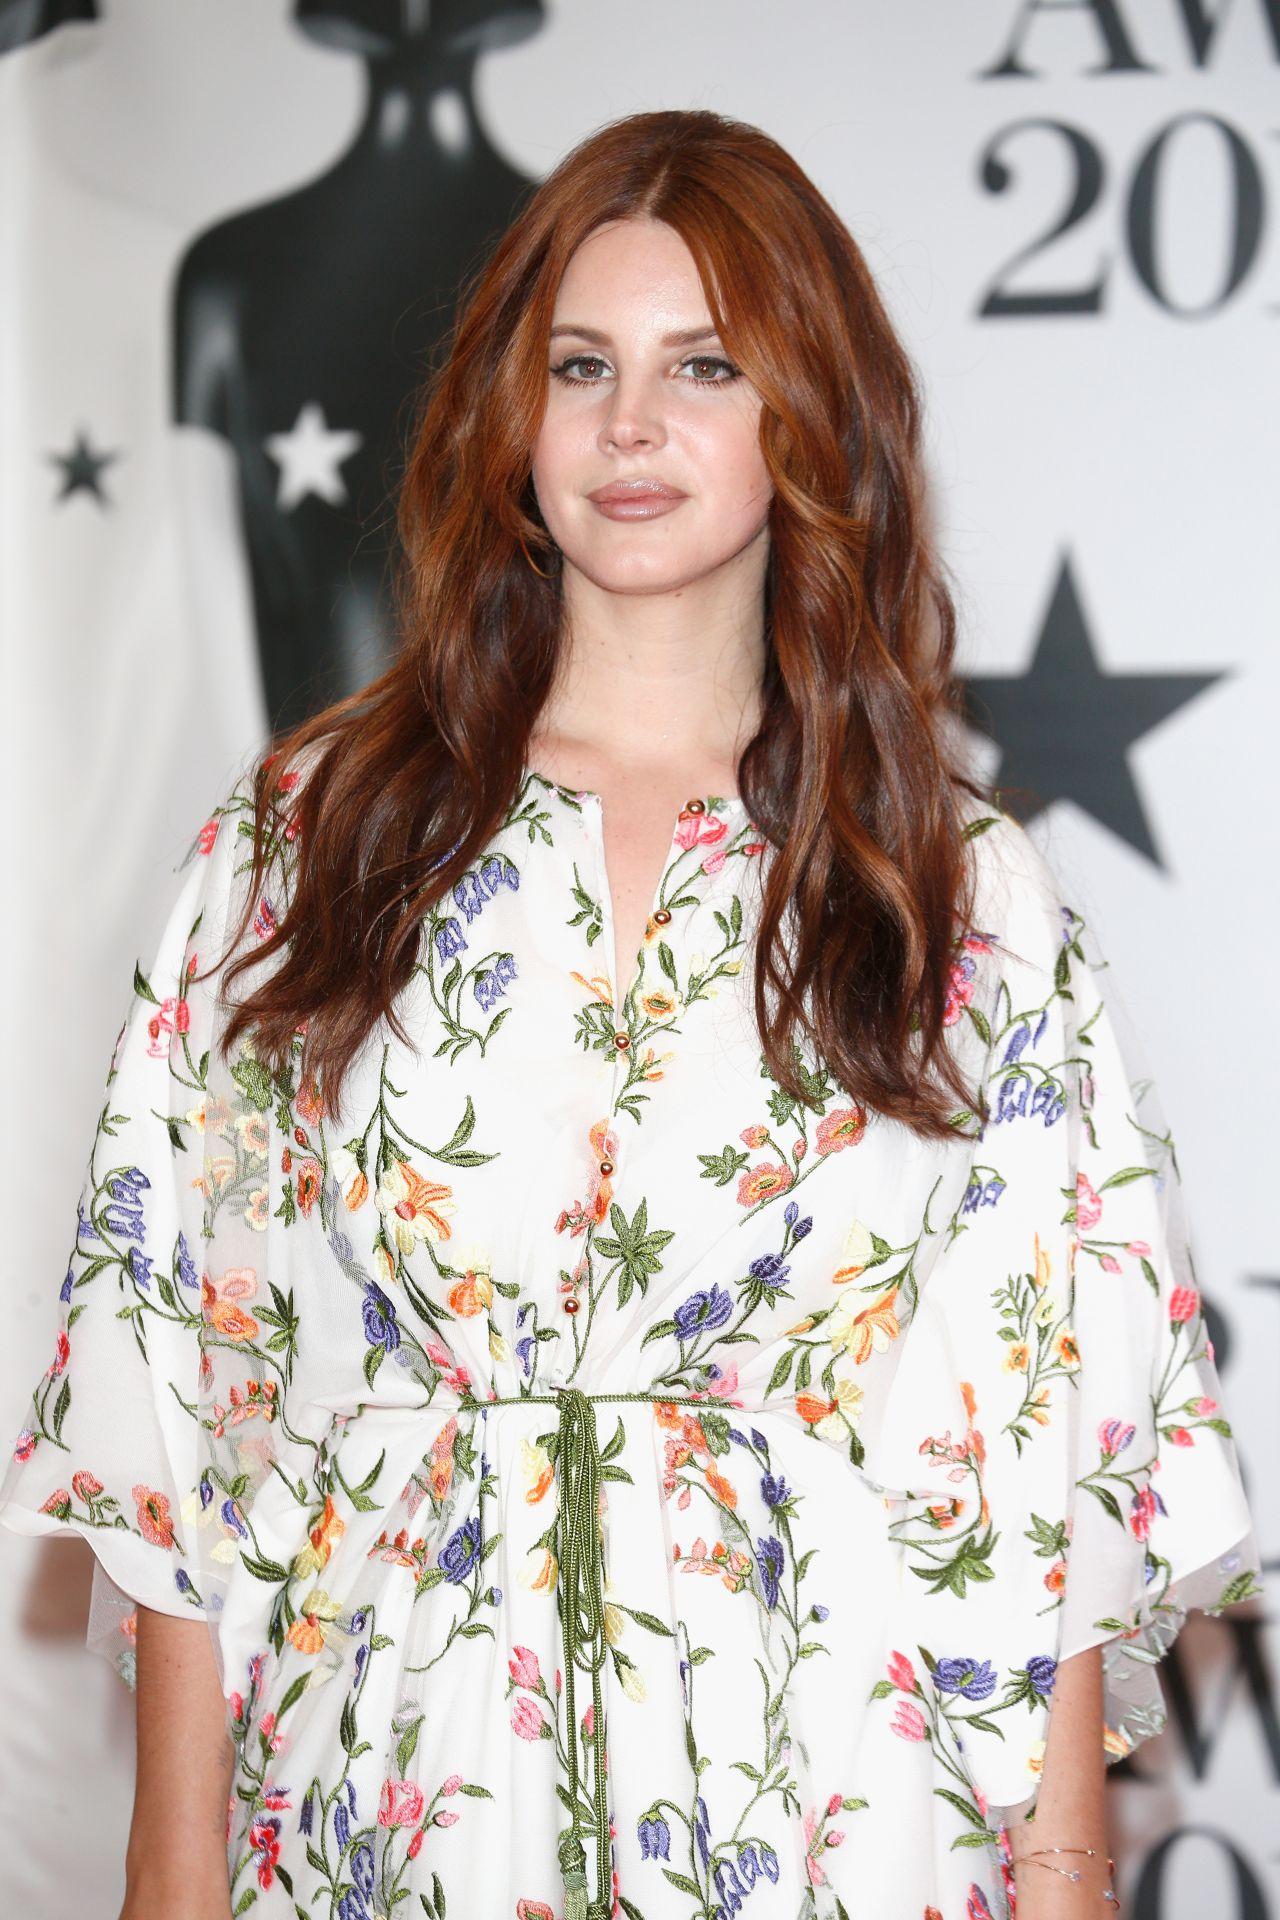 Lana Del Rey Brit Awards 2016 In London Uk